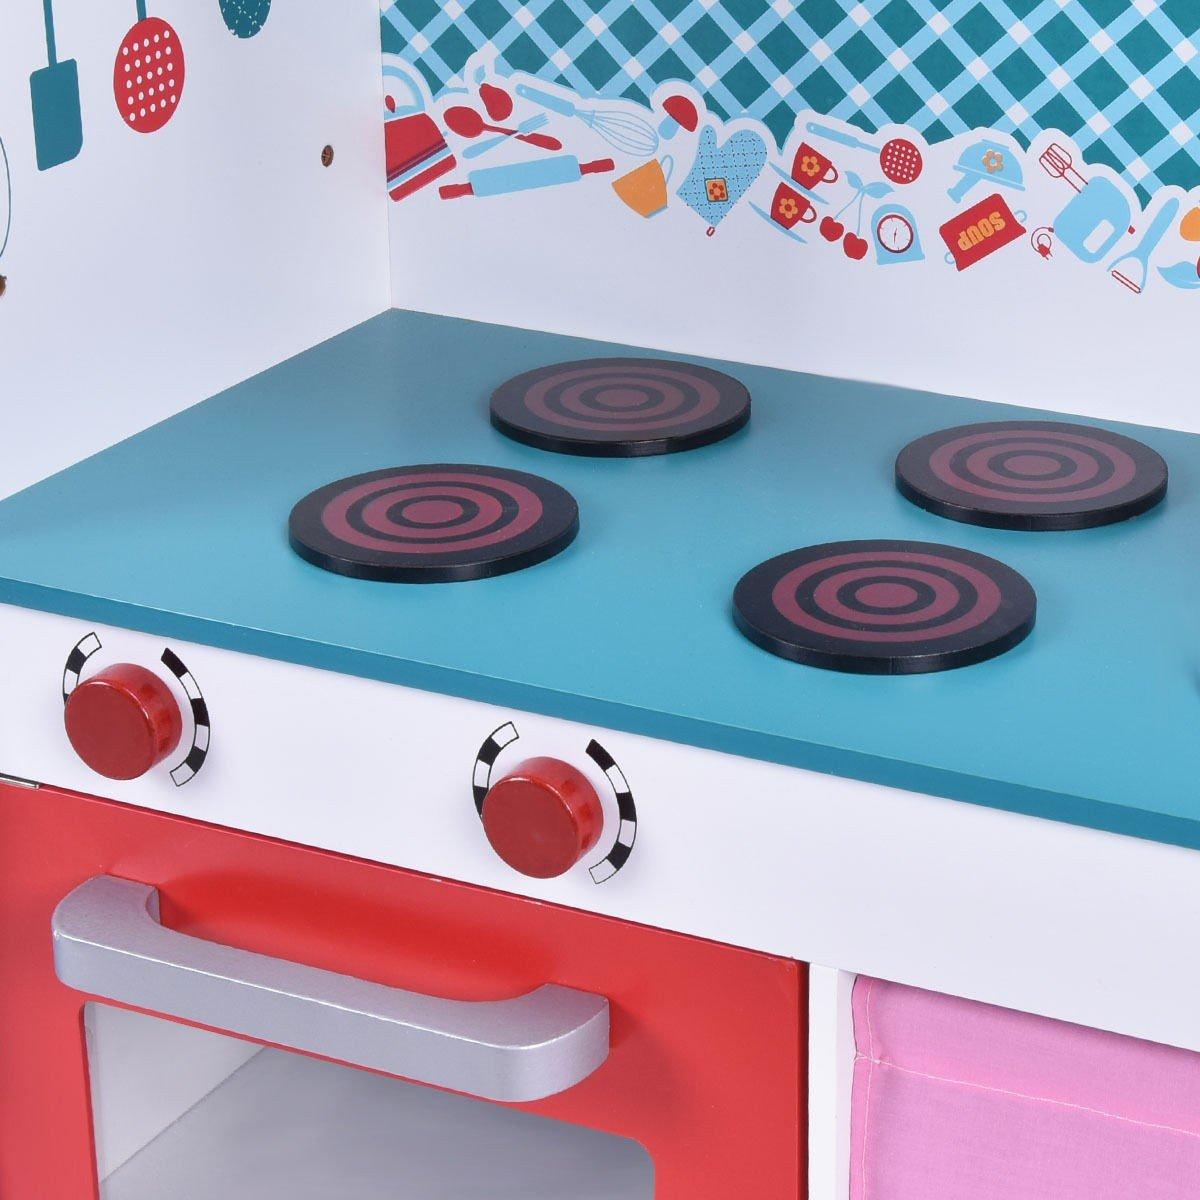 Amazon.com: COSTWAY Little Chef Kitchen Play Set - Toy Kitchen ...